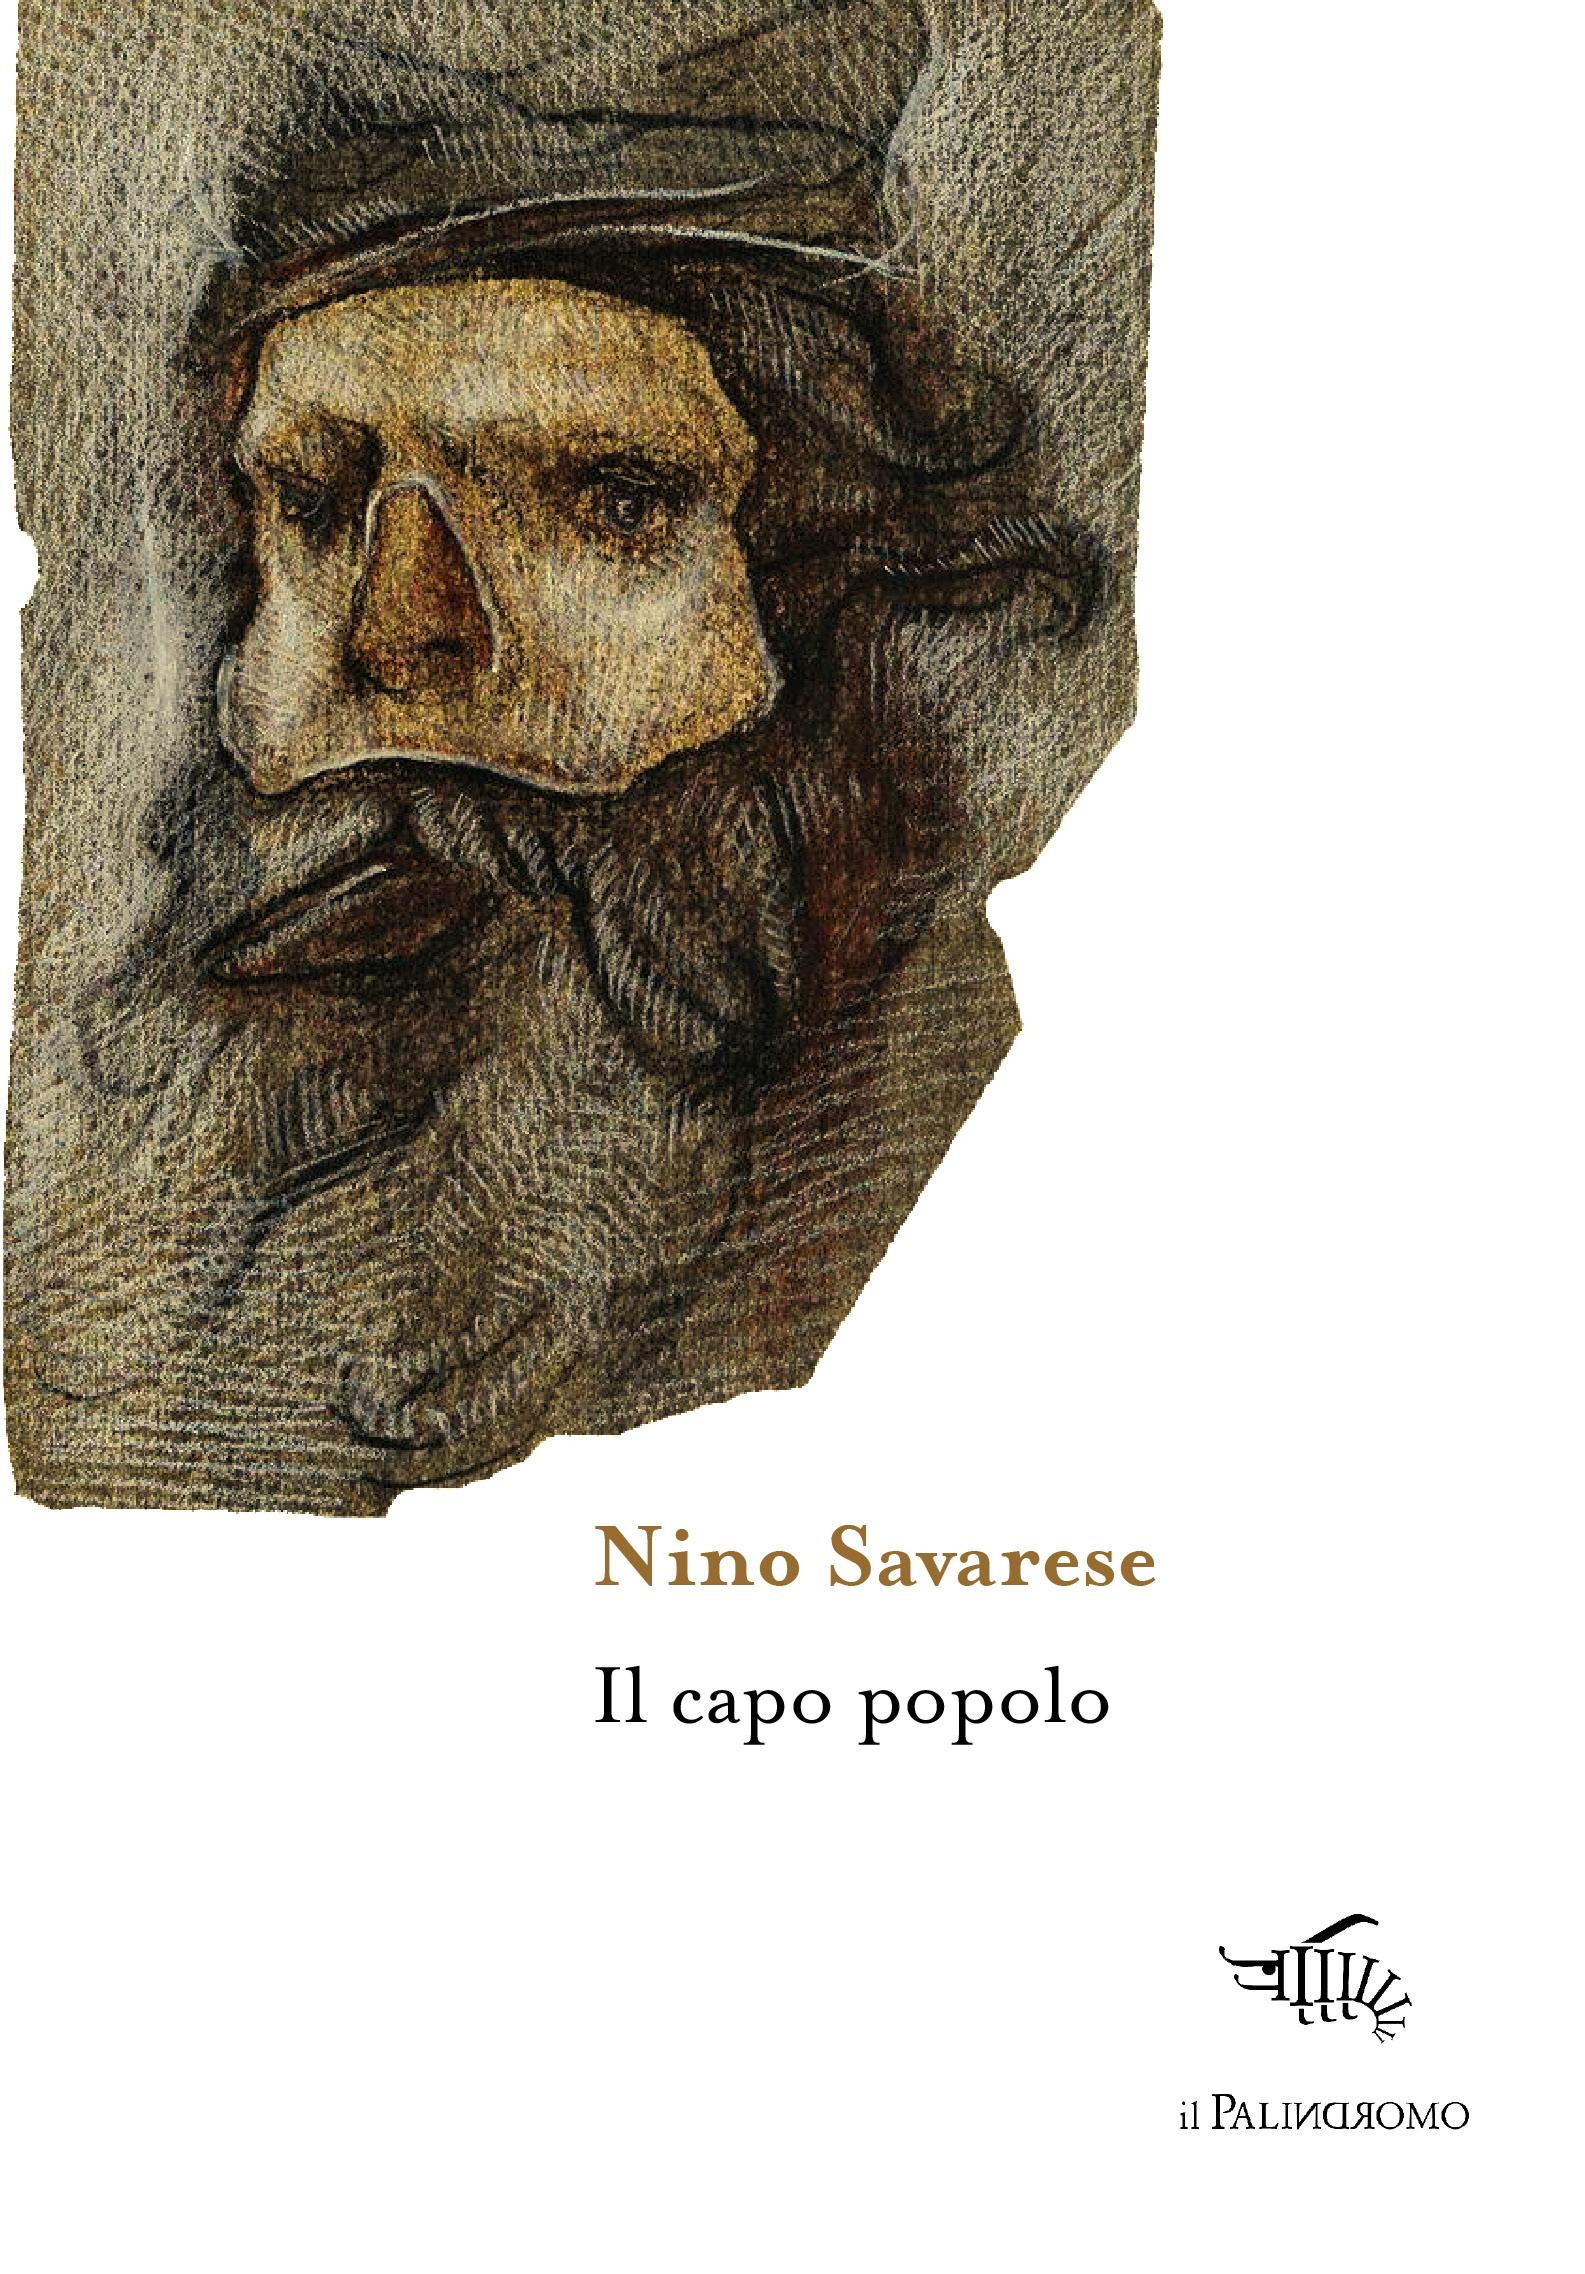 Autore: Nino Savarese